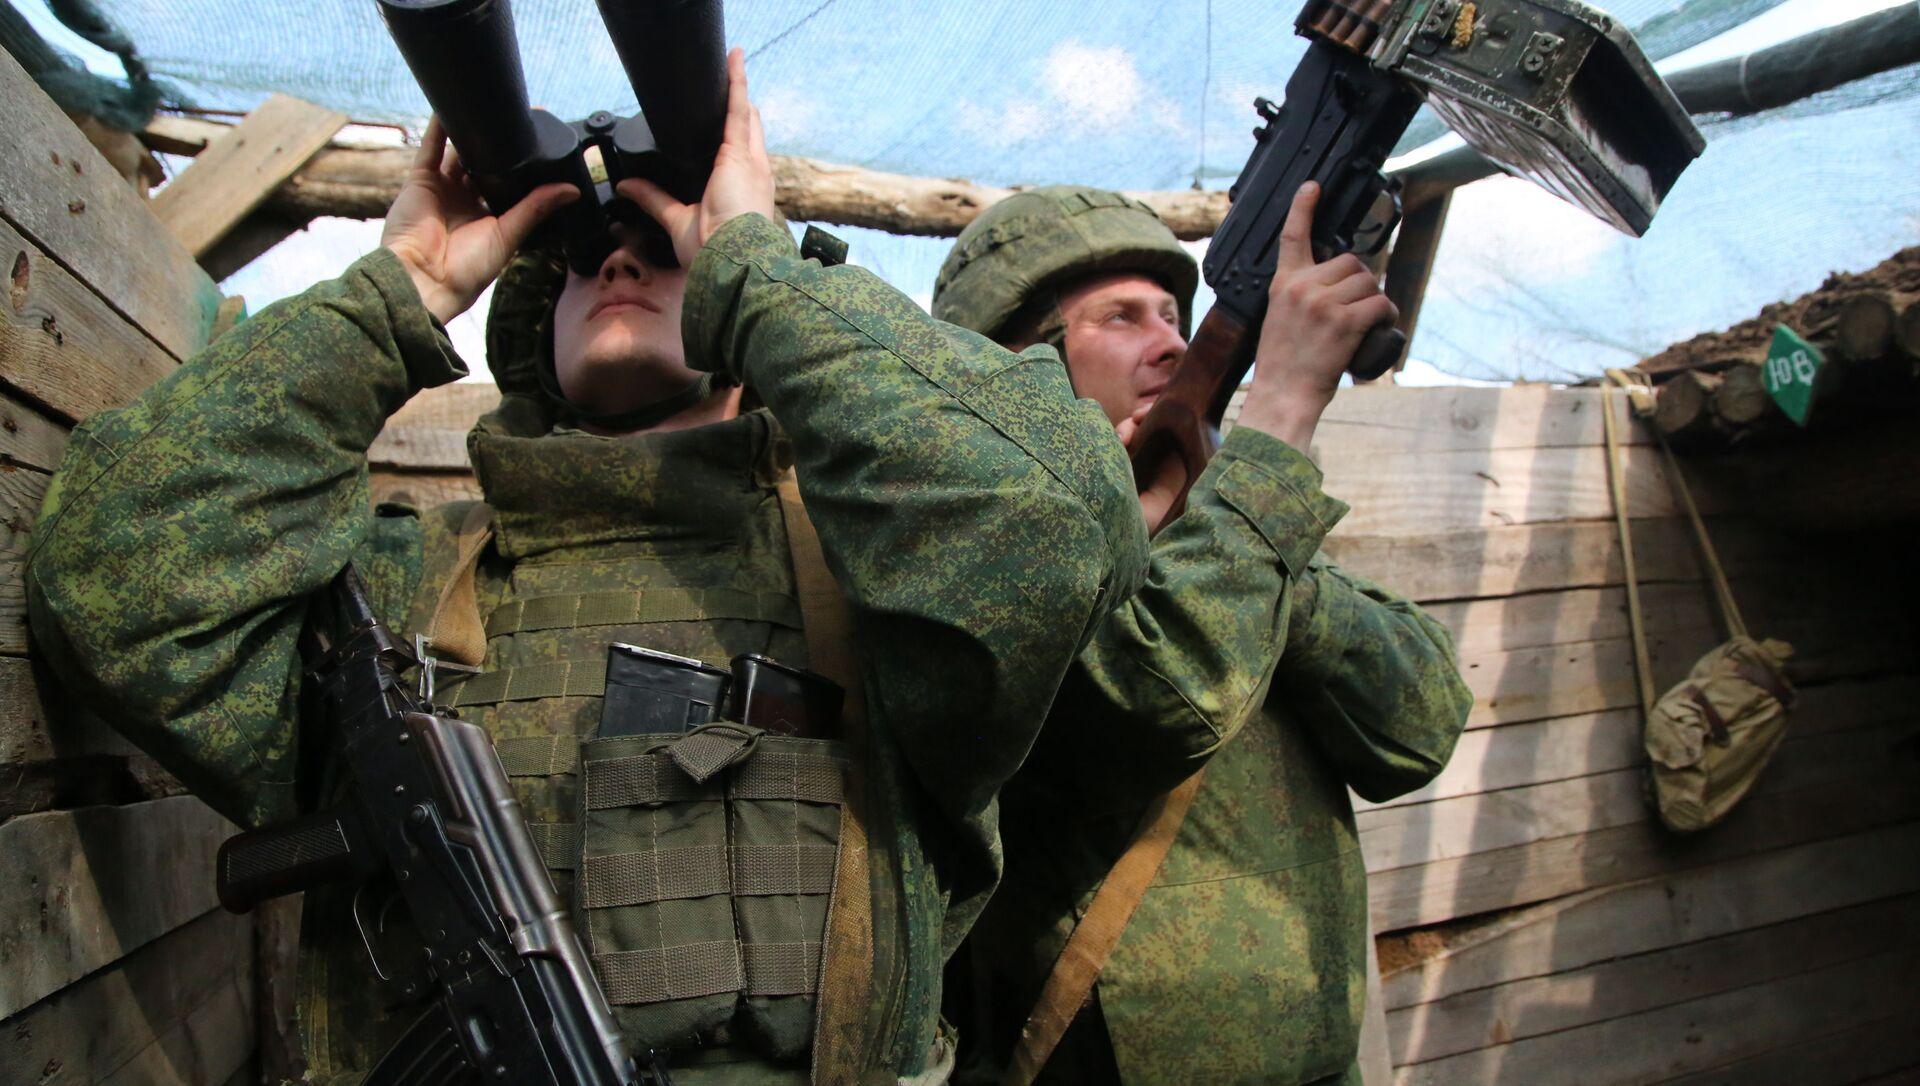 Các chiến binh của Cảnh sát nhân dân nước cộng hòa tự xưng DNR trên tuyến tiếp giáp - Sputnik Việt Nam, 1920, 21.06.2021